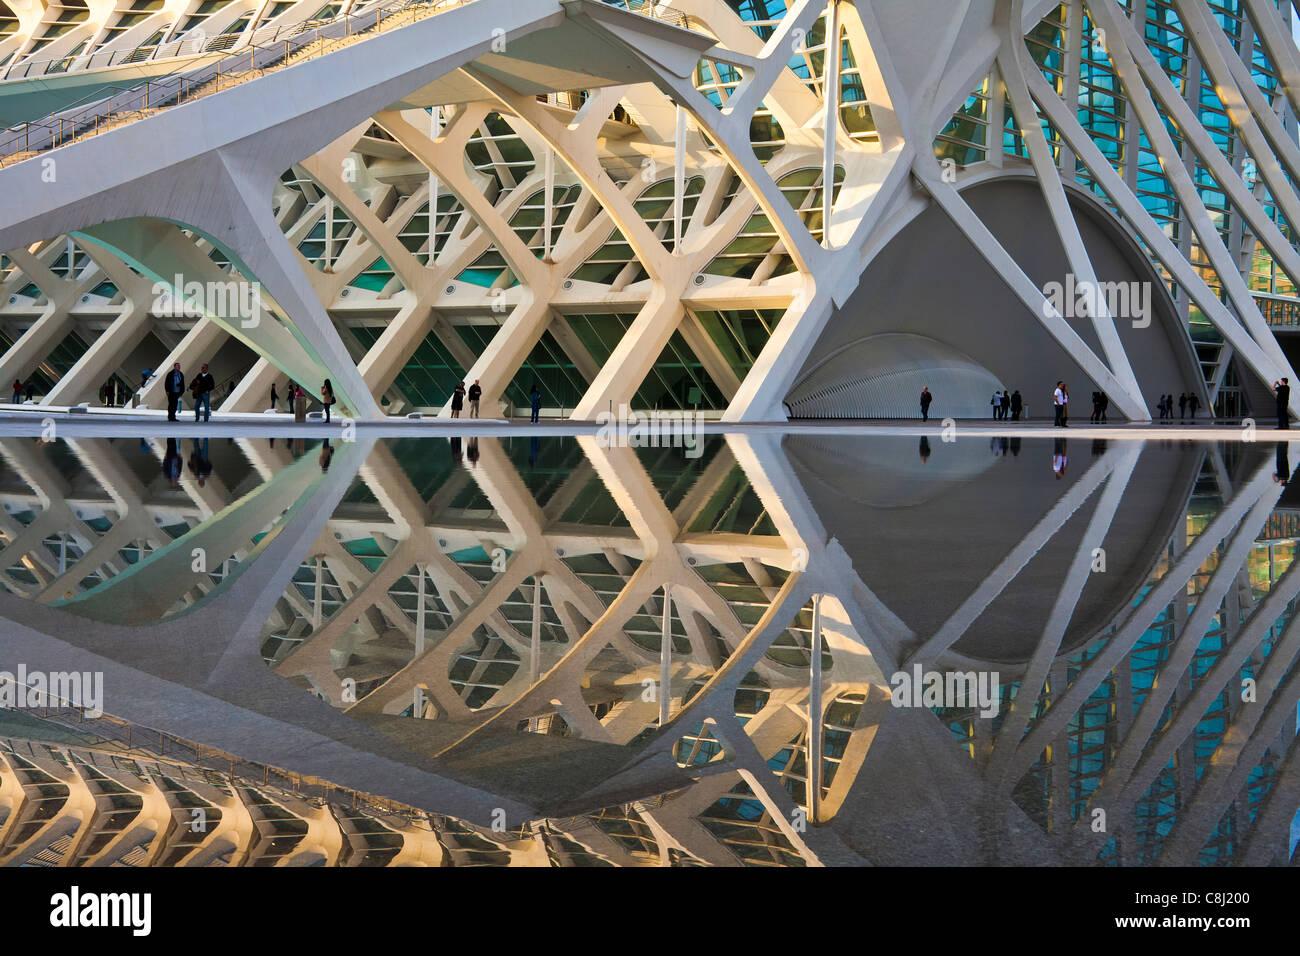 Spanien, Europa, Valencia, Stadt der Künste und Wissenschaften, Calatrava, Architektur, Modern, Stockbild